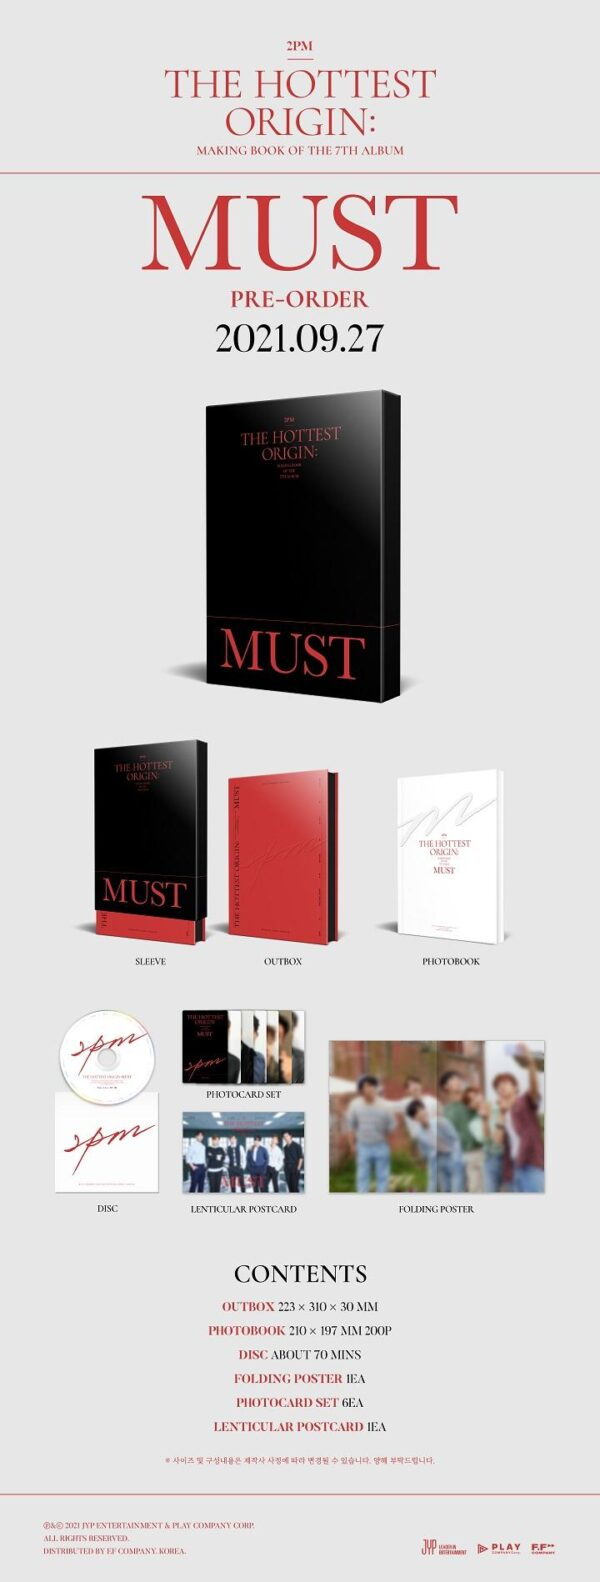 2PM 2PM THE HOTTEST ORIGIN MUST MAKING BOOK 1